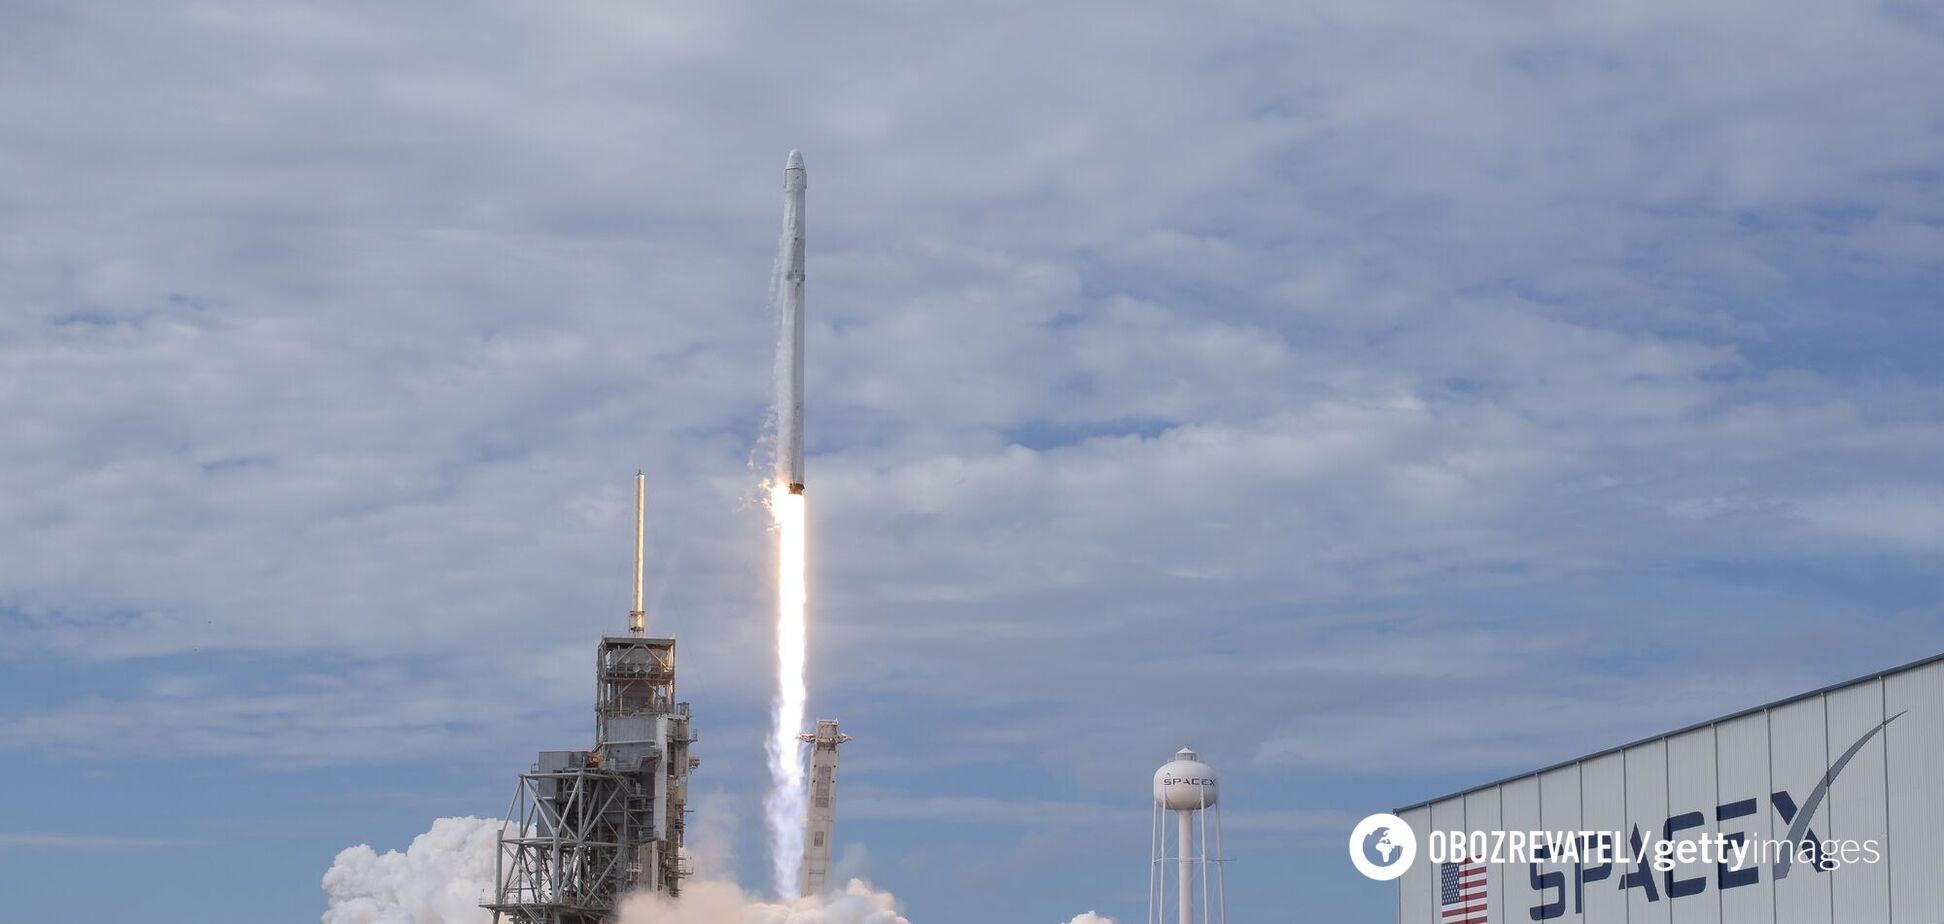 SpaceX уперше успішно запустила та посадила космічний корабель Starship. Відео